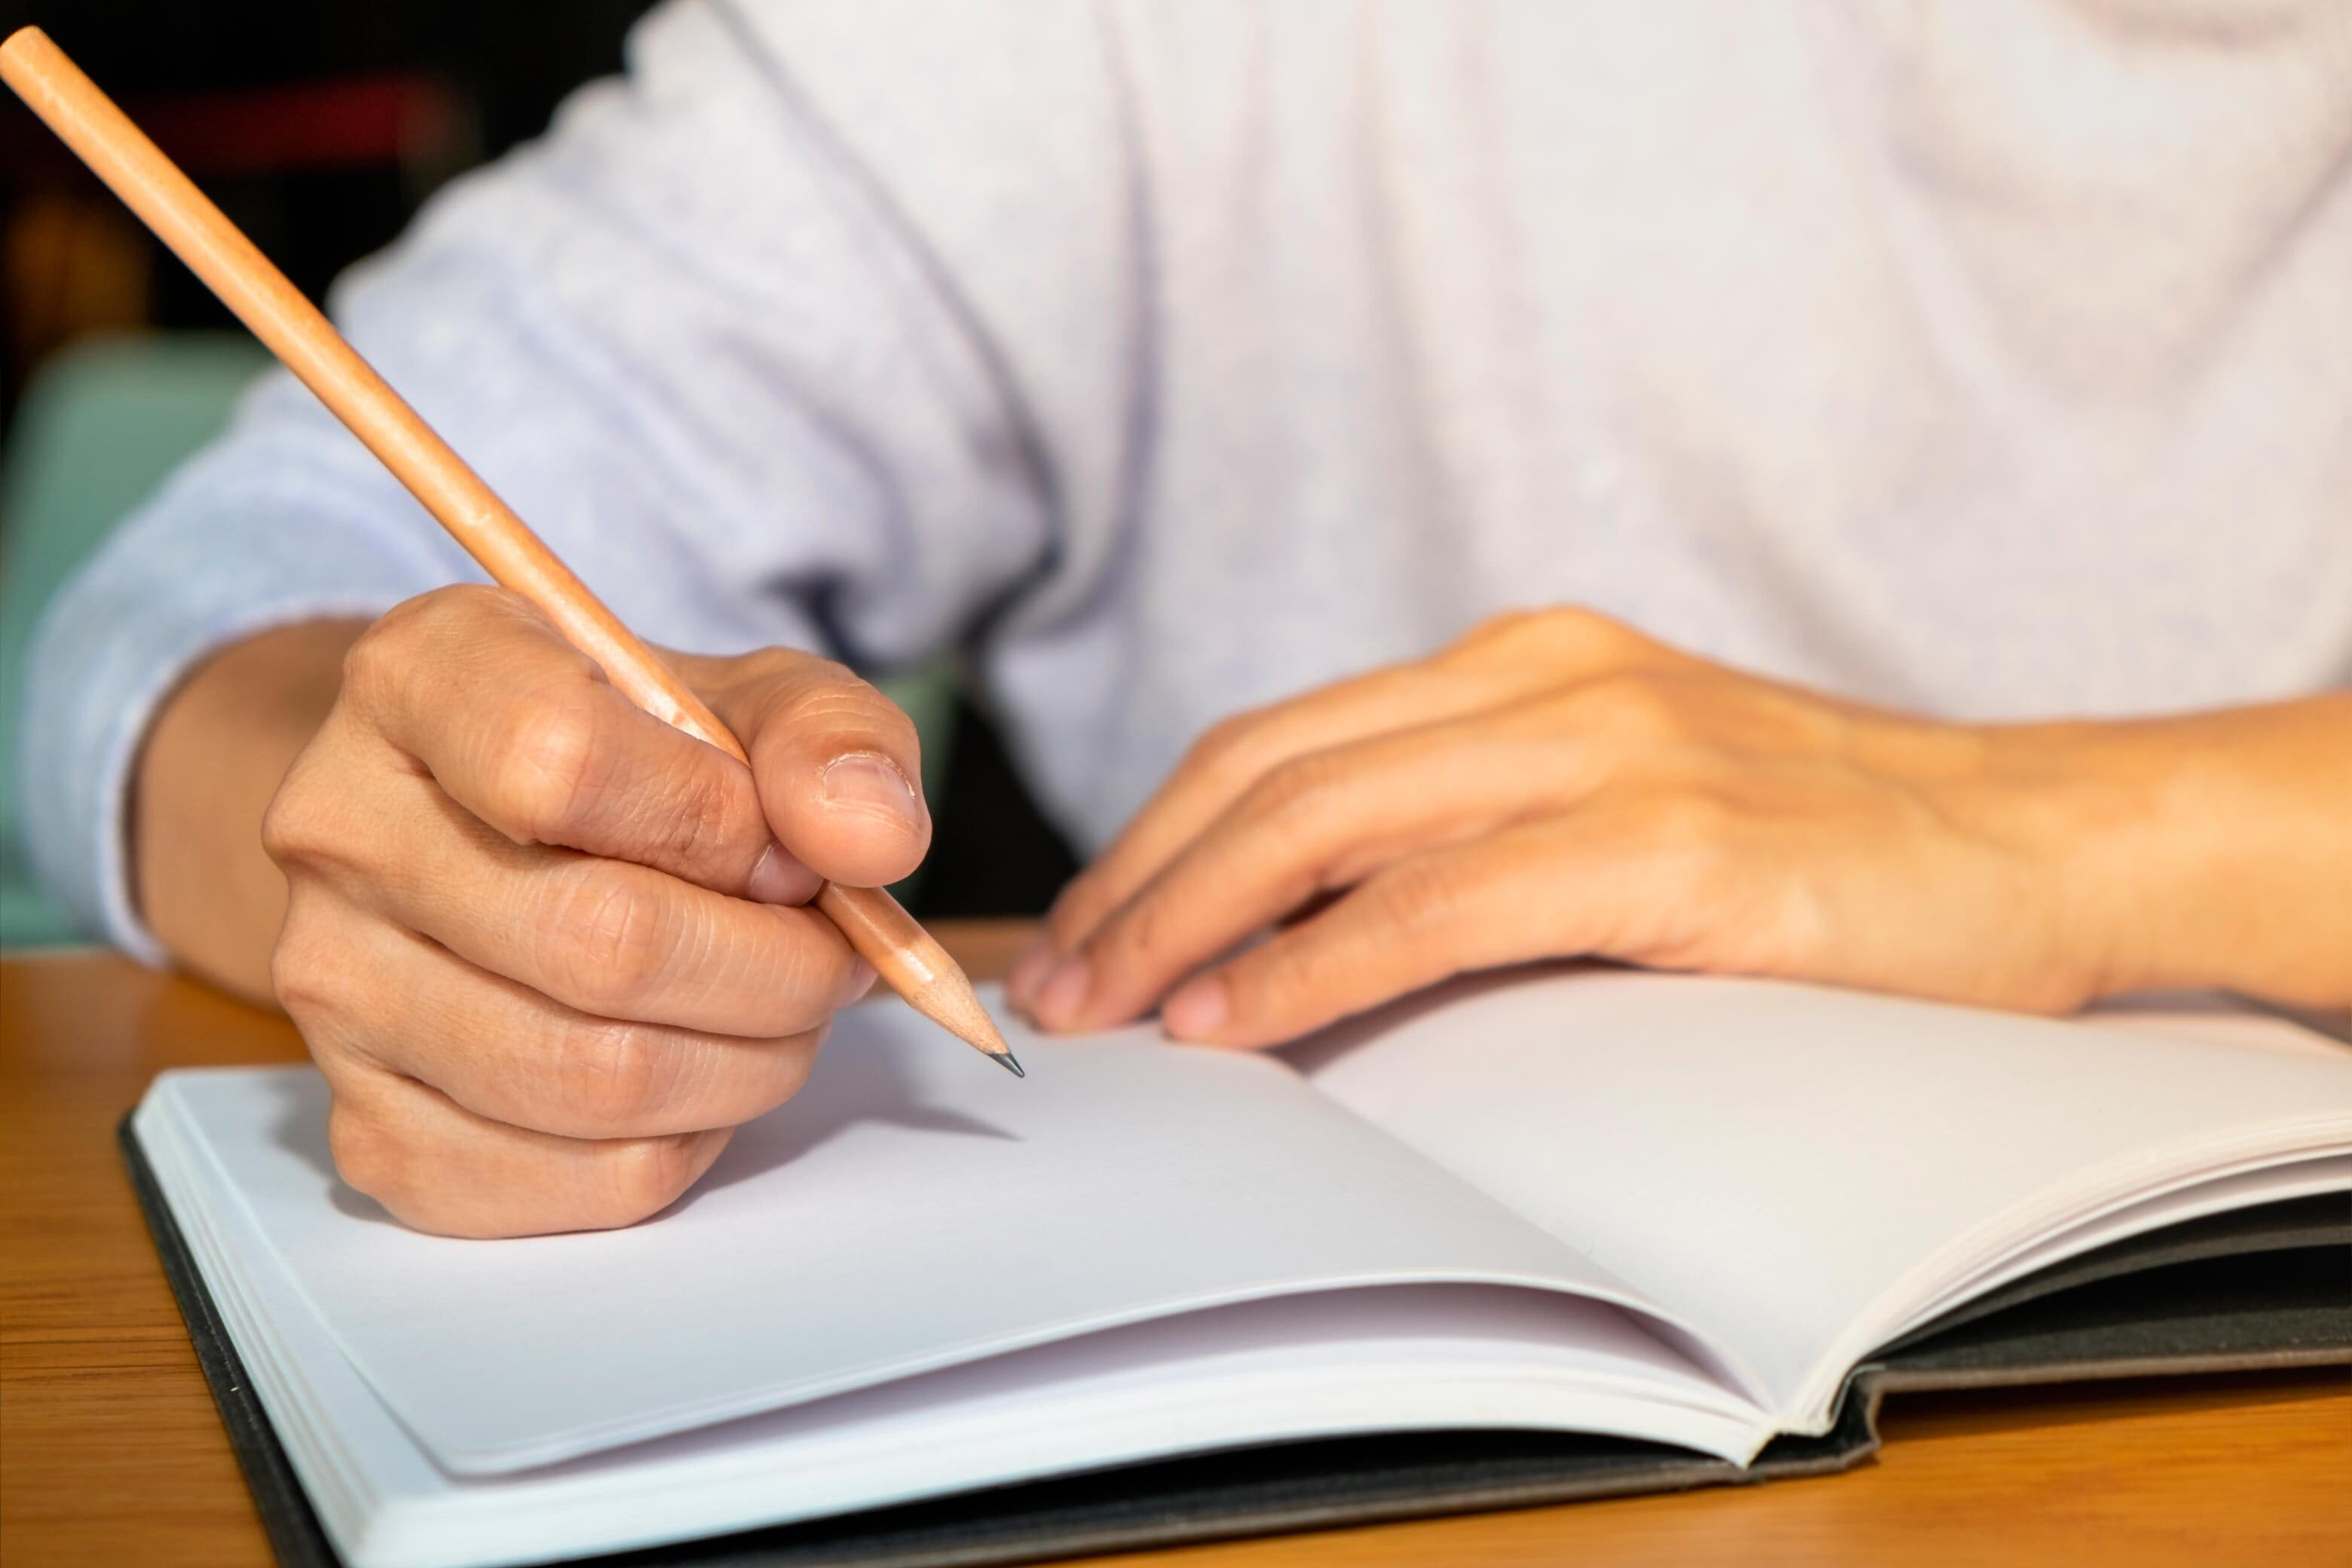 Resumos é um dos métodos de estudo mais indicados por estudantes e especialistas